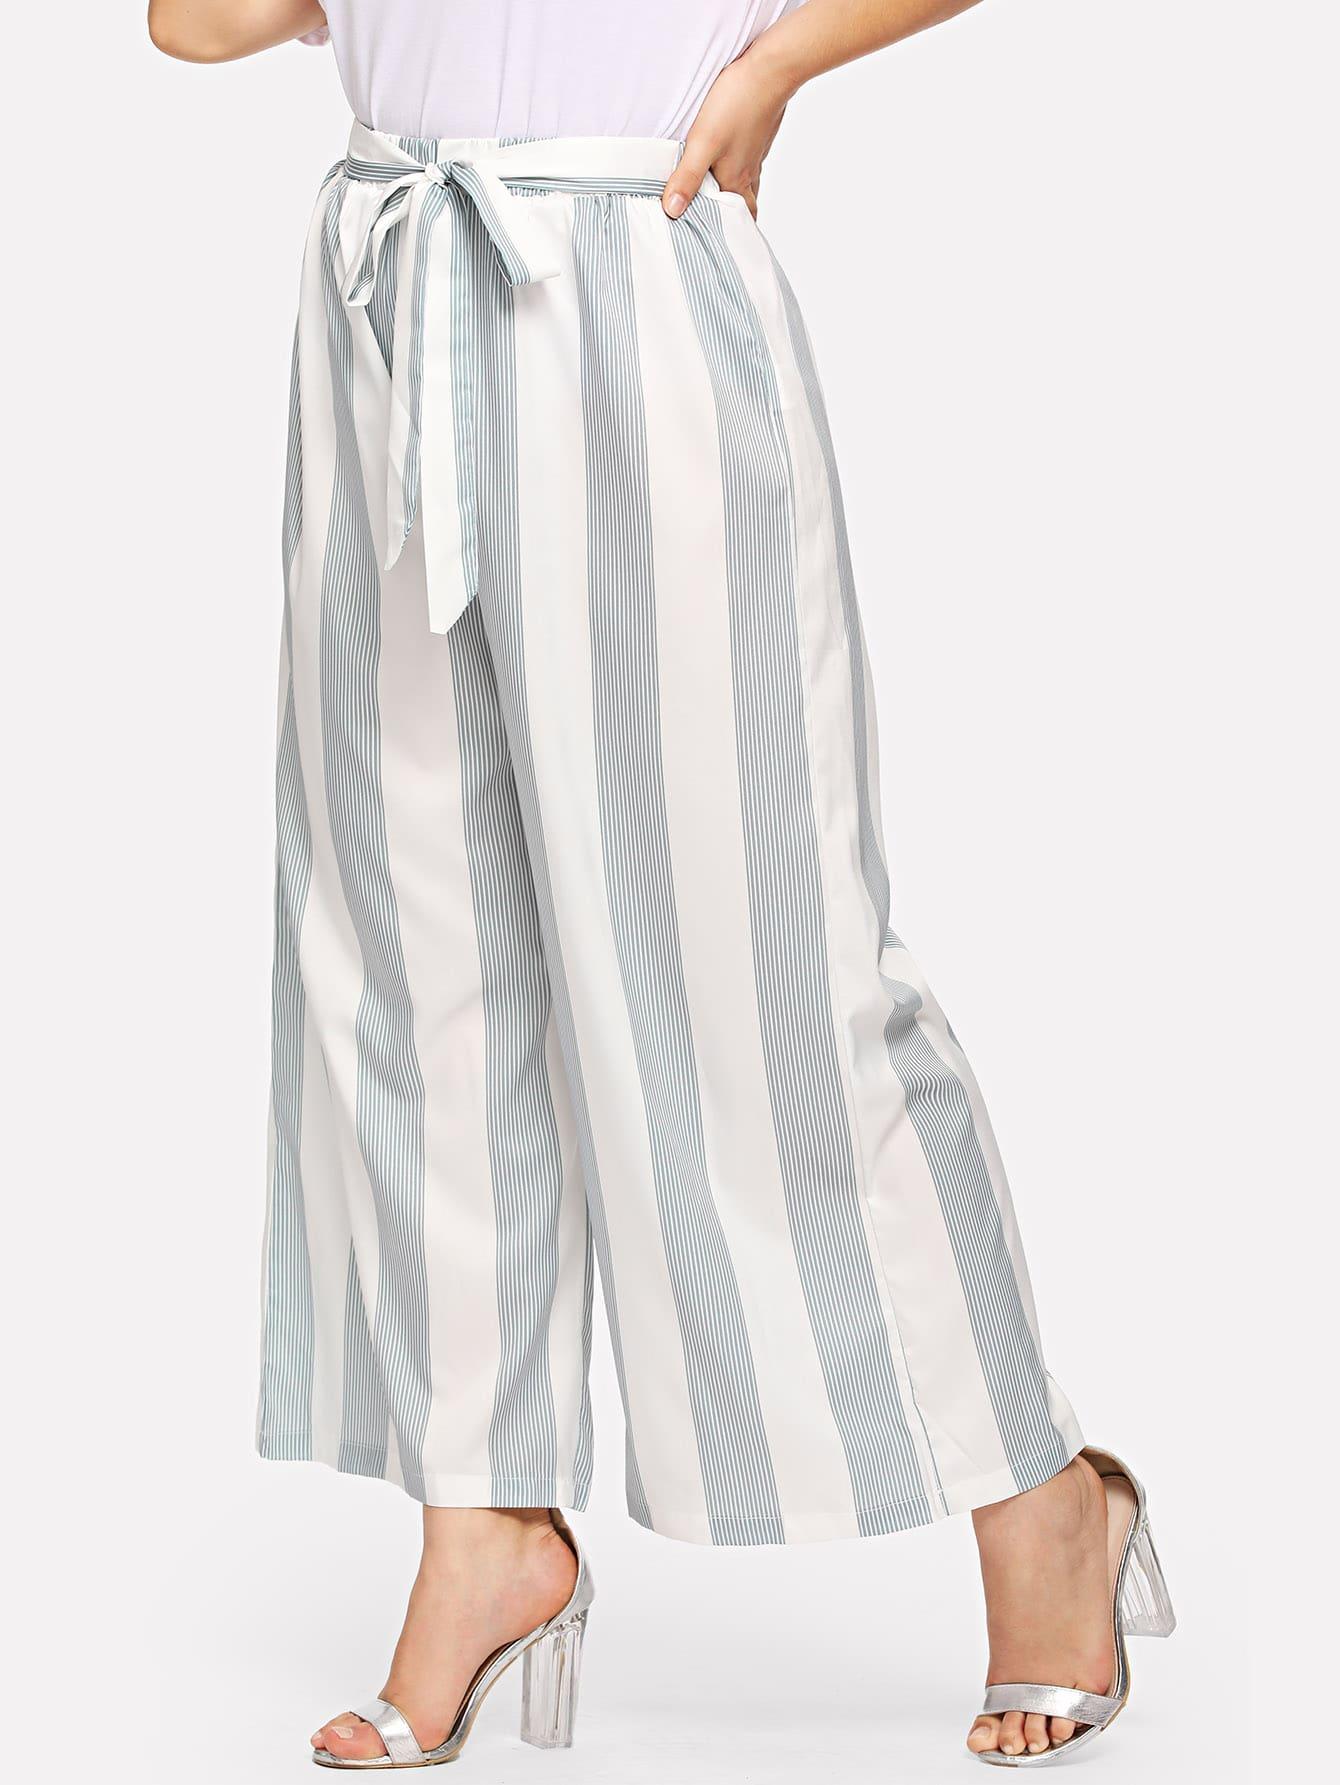 Купить Полосатые широкие ножные штаны с поясом, Carol, SheIn